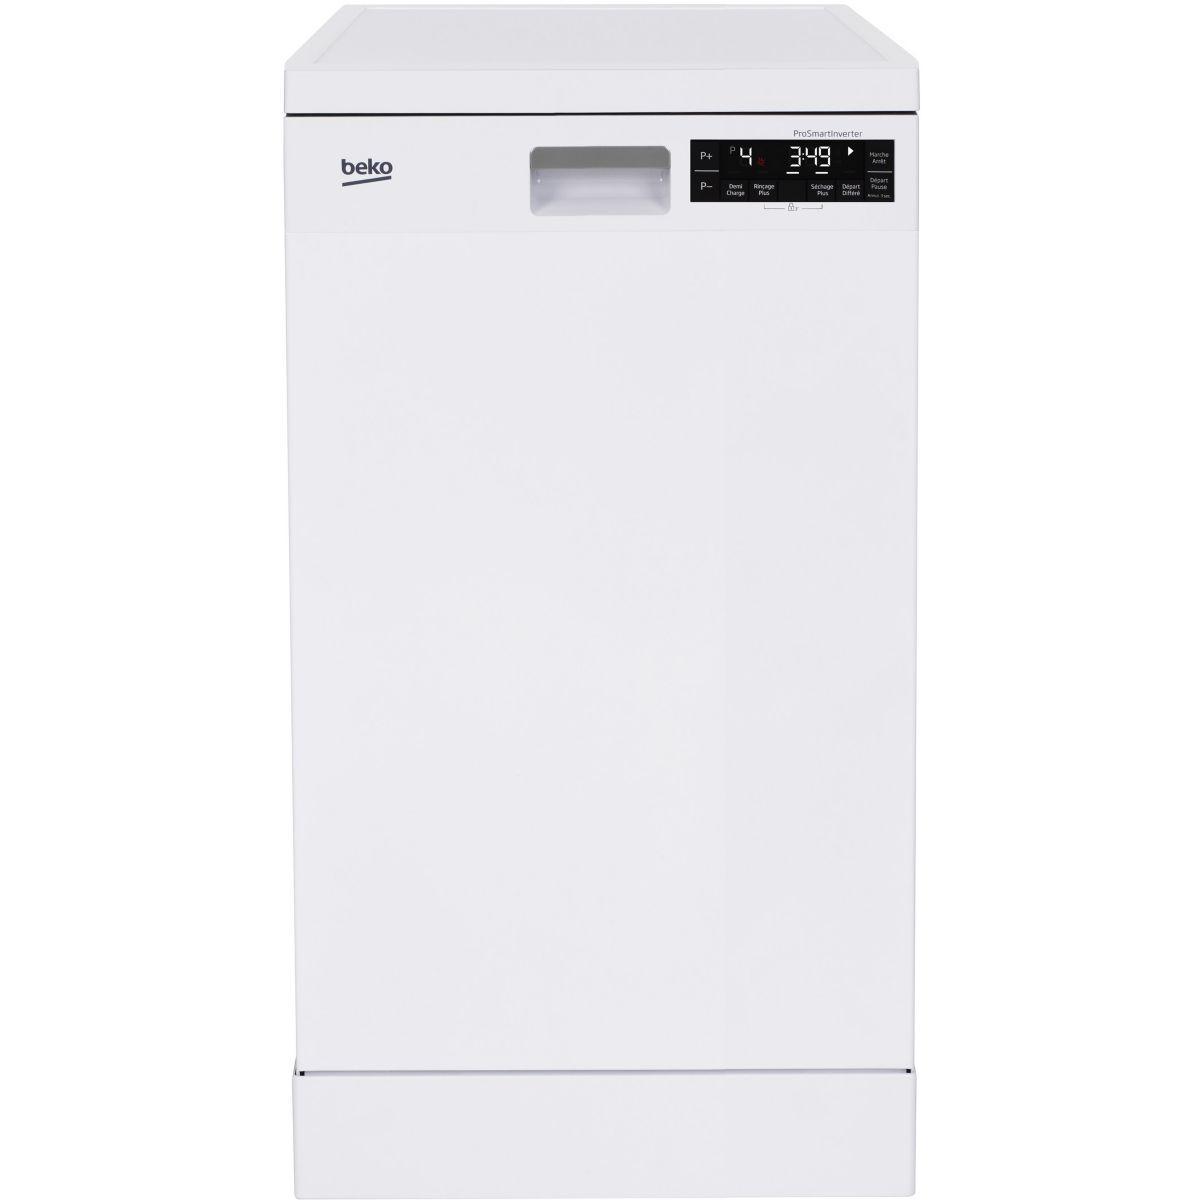 Lave vaisselle 45 cm beko dfs28020w blanc - 2% de remise imm�diate avec le code : gam2 (photo)